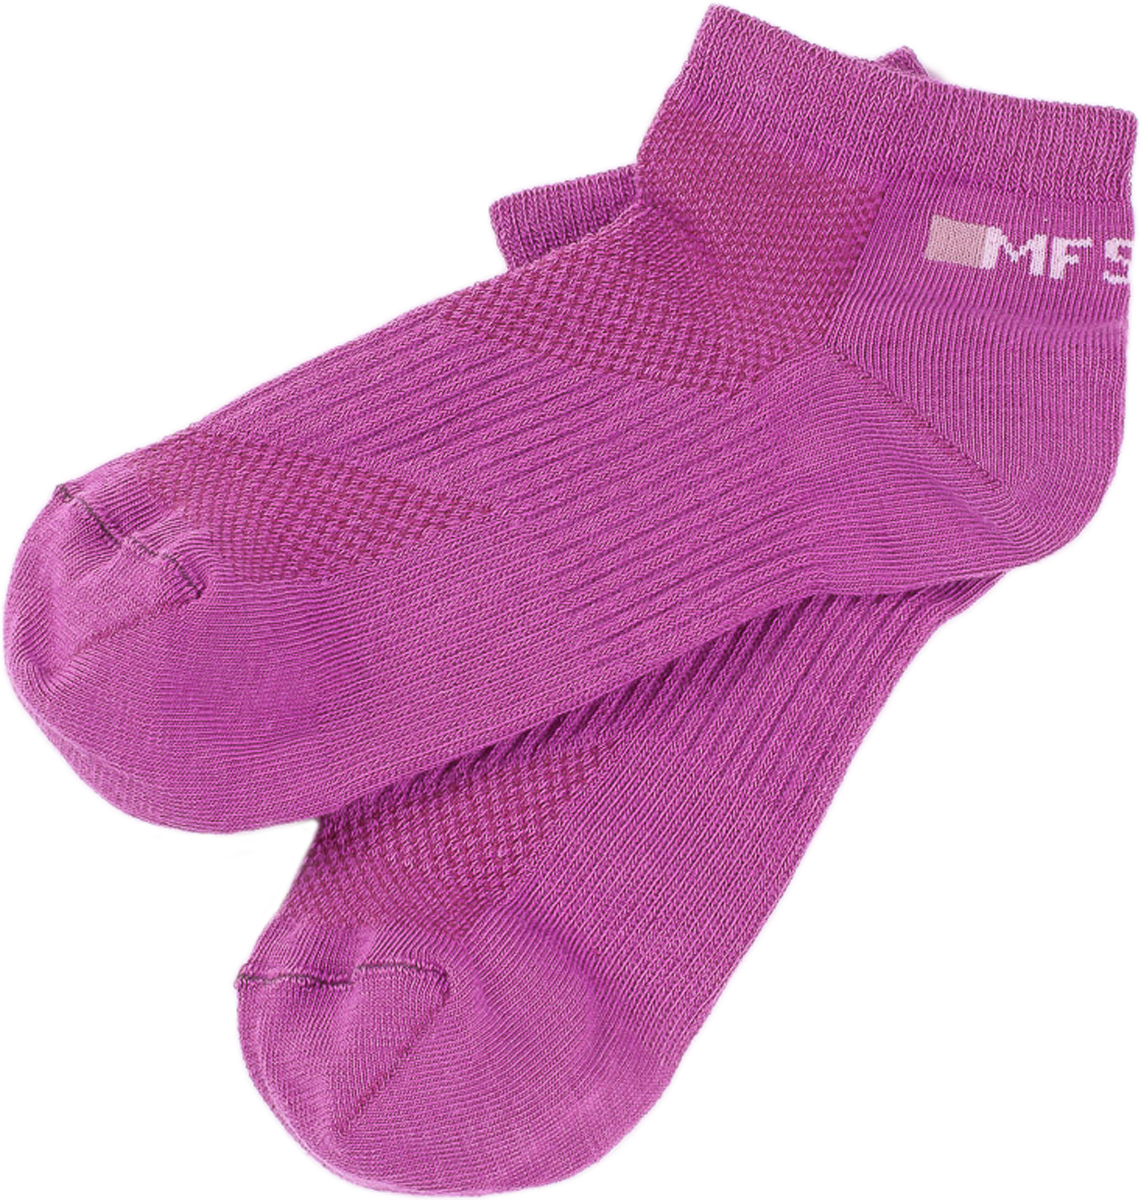 Носки женские Mark Formelle, цвет: ярко-розовый. 300C-153. Размер 36/37300C-153Удобные женские носки от Mark Formelle, изготовленные из высококачественного хлопка с добавлением полиамида и эластана, очень мягкие и приятные на ощупь, позволяют коже дышать. Эластичная резинка плотно облегает ногу, не сдавливая ее, обеспечивая комфорт и удобство, а усиленные пятка и мысок обеспечивают надежность и долговечность при носке.